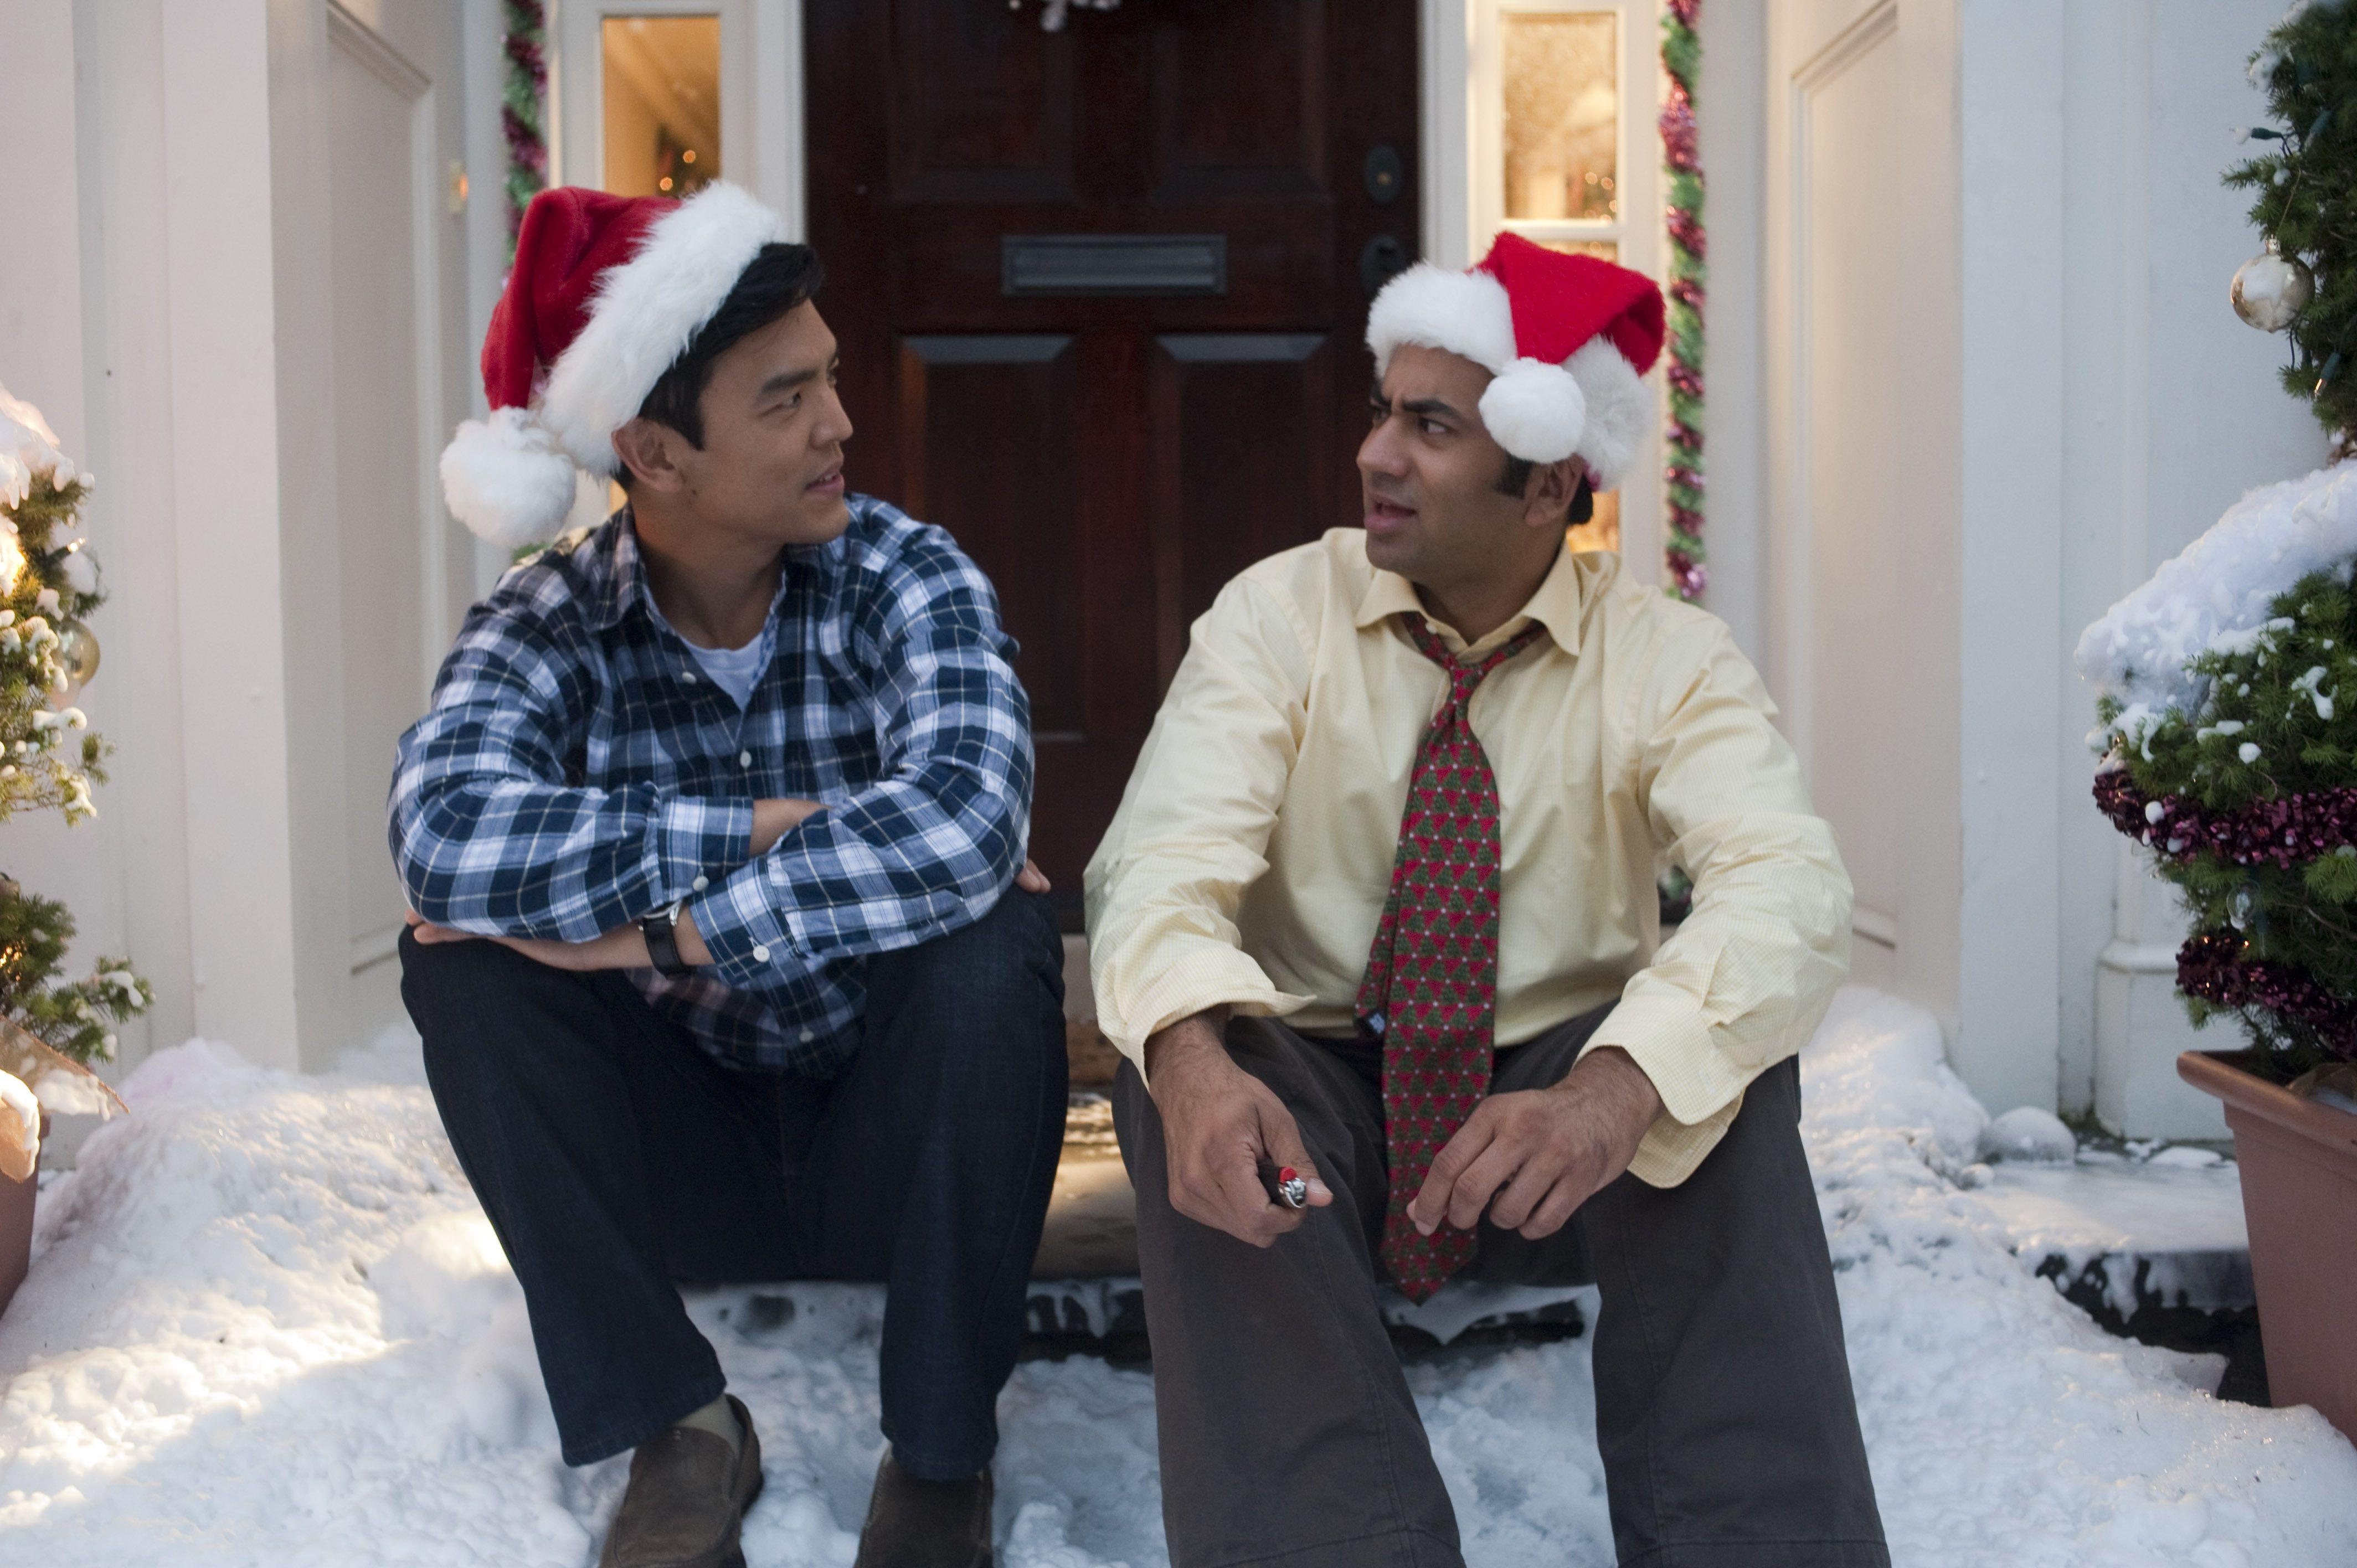 кадры из фильма Убойное Рождество Гарольда и Кумара Джон Чо, Кал Пенн,